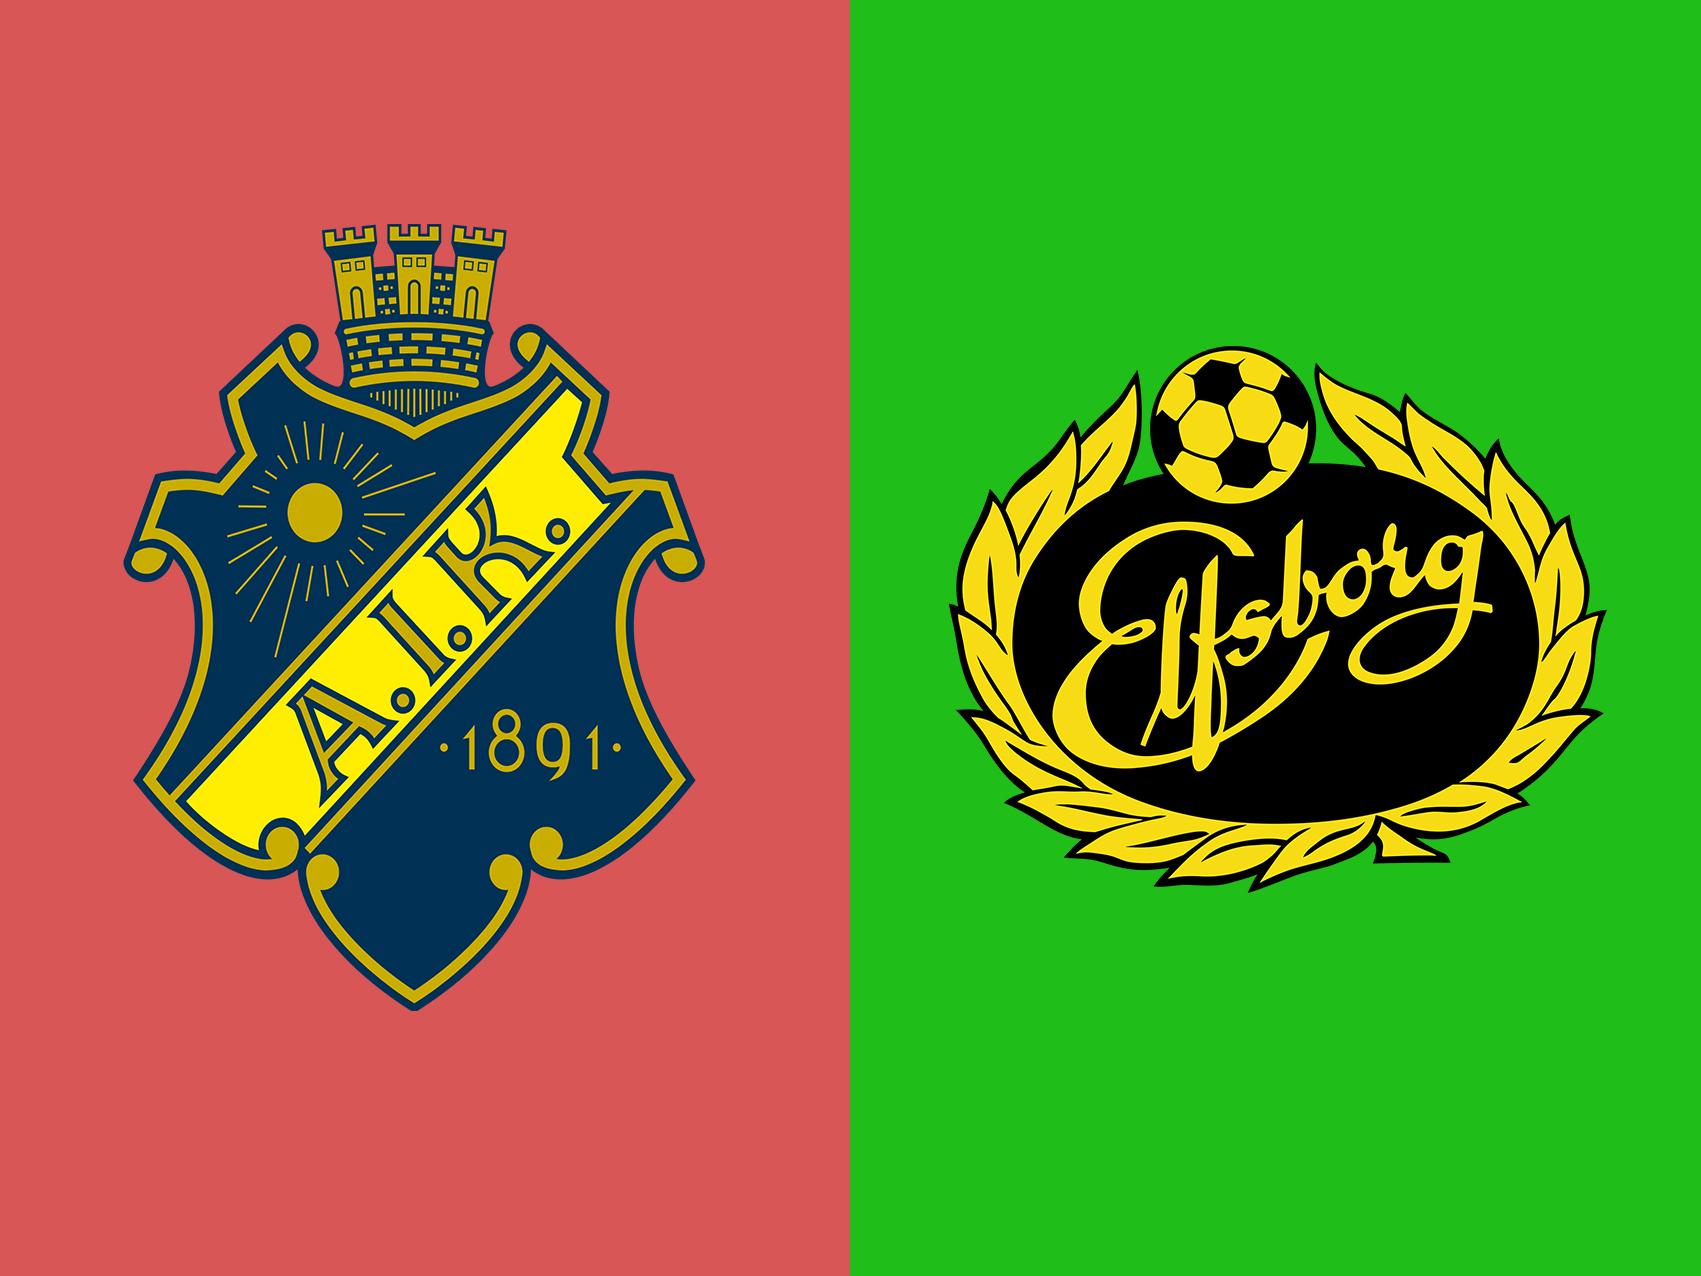 soi-keo-ca-cuoc-bong-da-ngay-13-7-aik-vs-elfsborg-trang-tay-ra-ve-b9 1